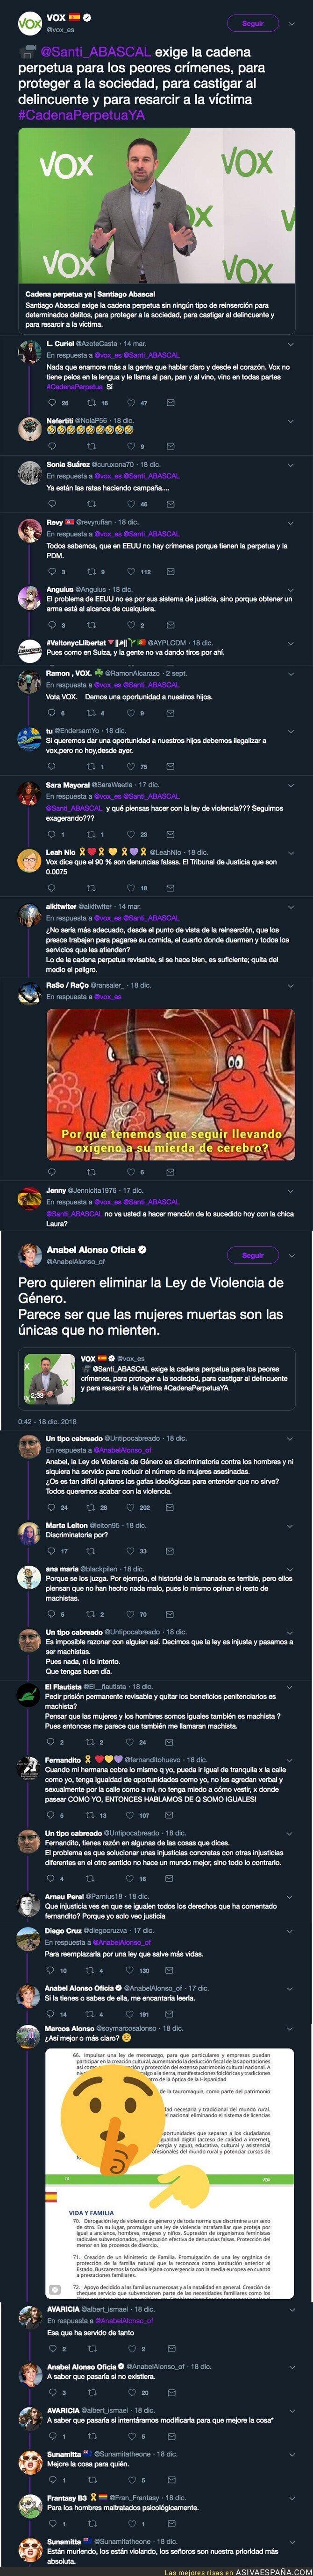 100817 - Anabel Alonso se enzarza con VOX y sus votantes por el tema de querer eliminar la ley de violencia de género